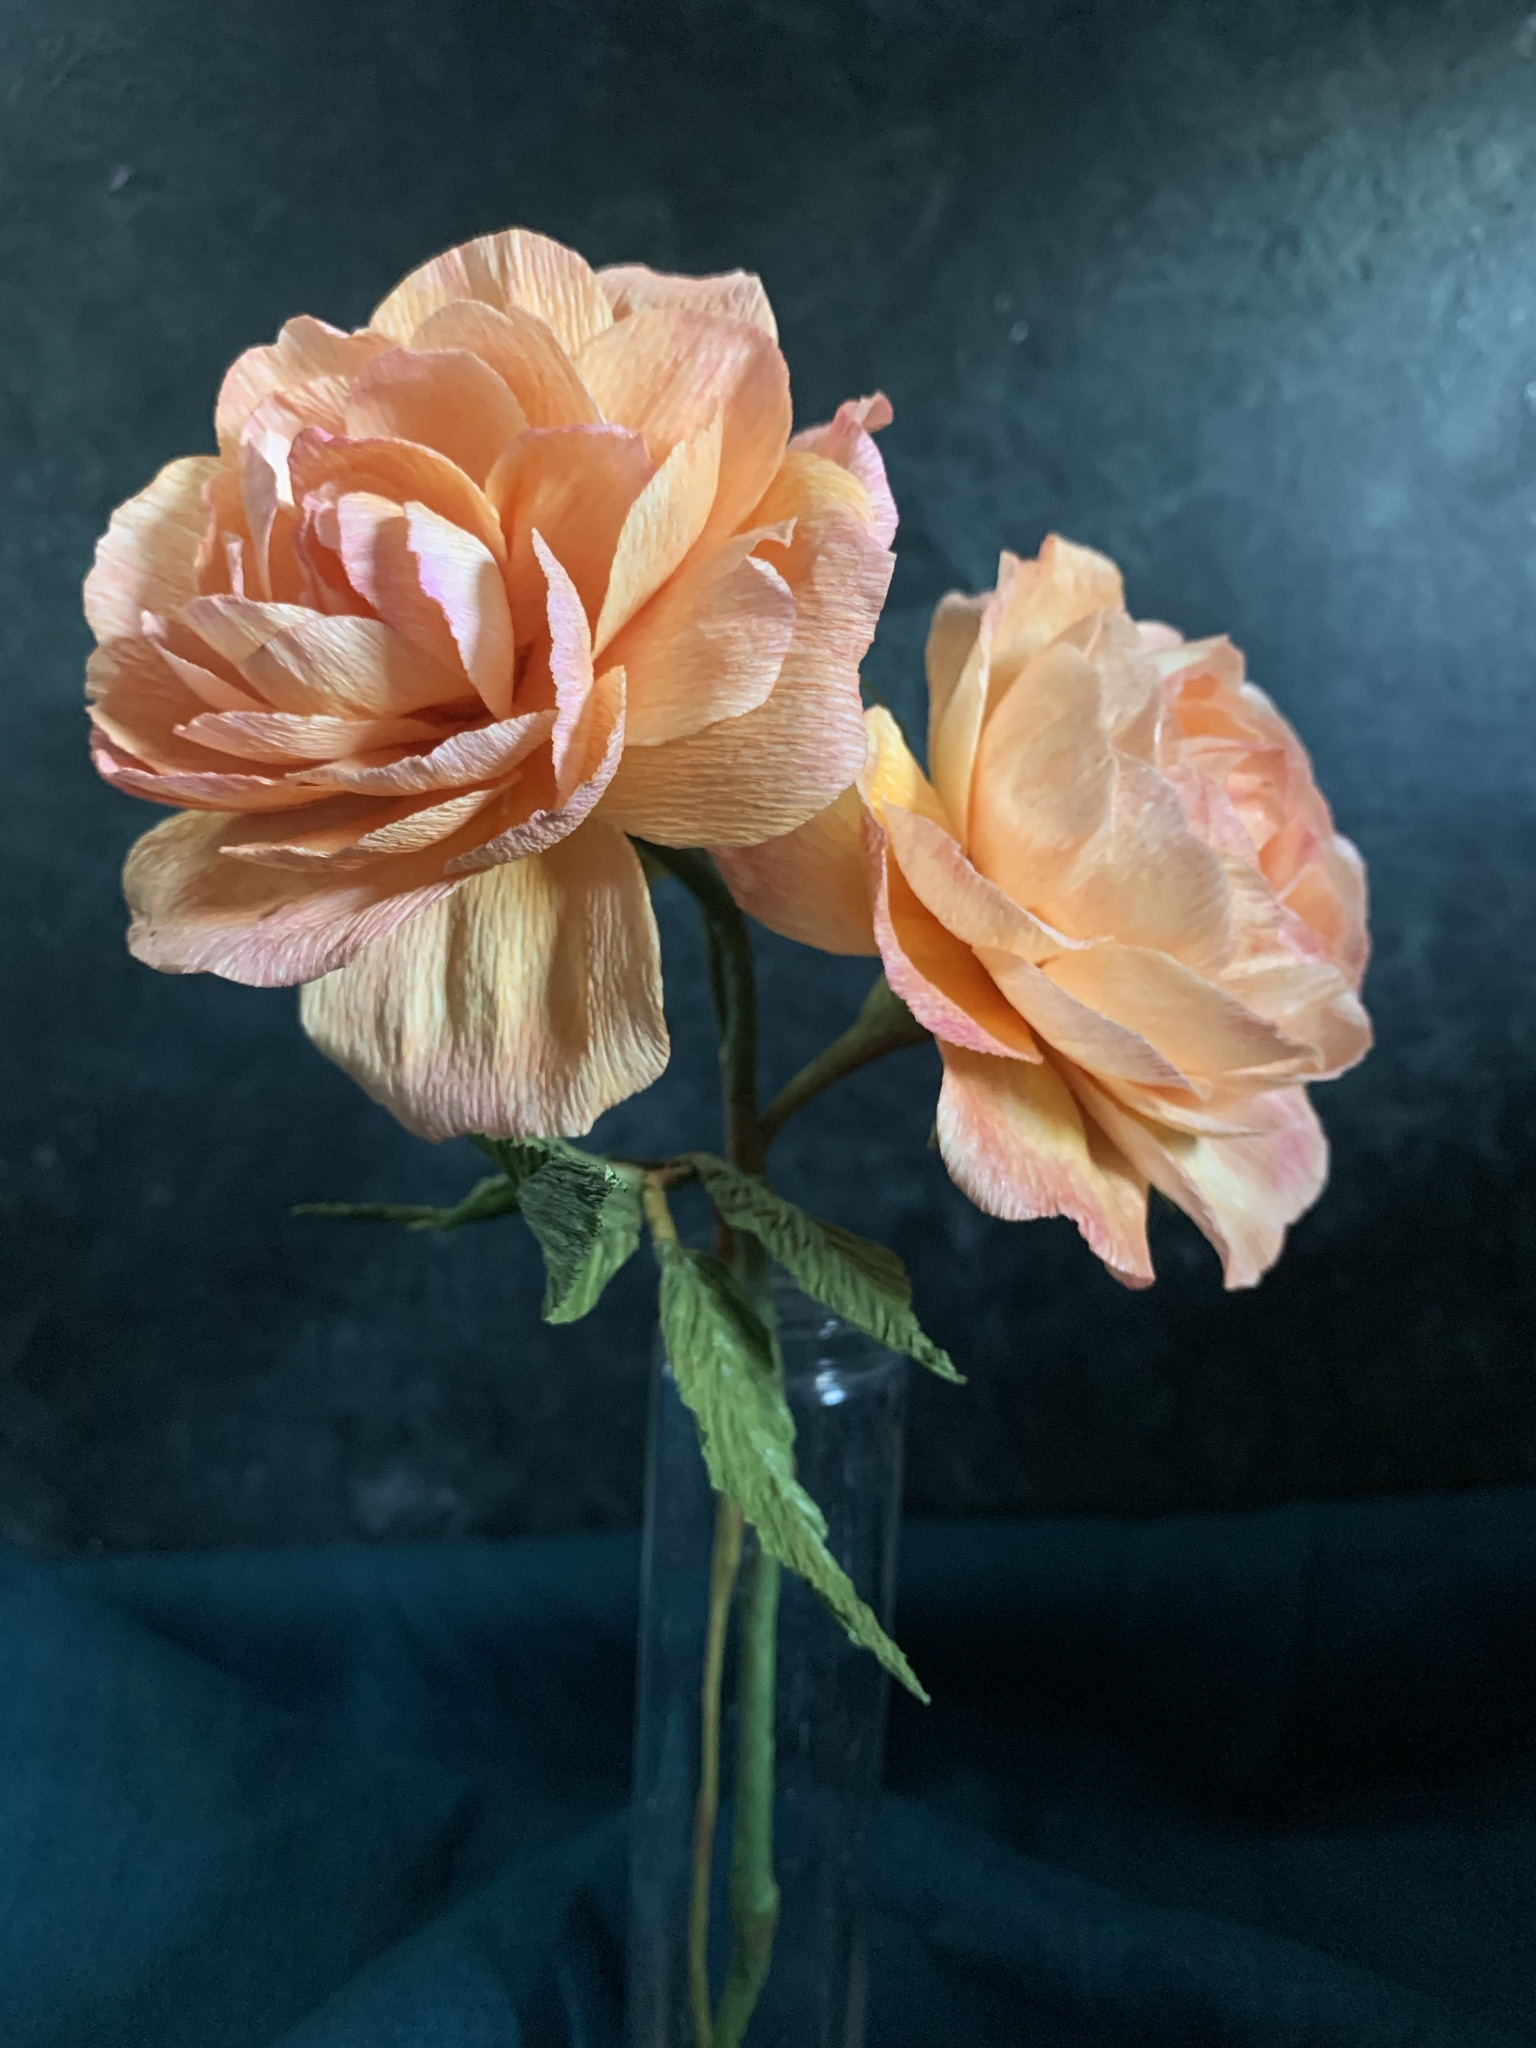 Lady of Shalott Rose